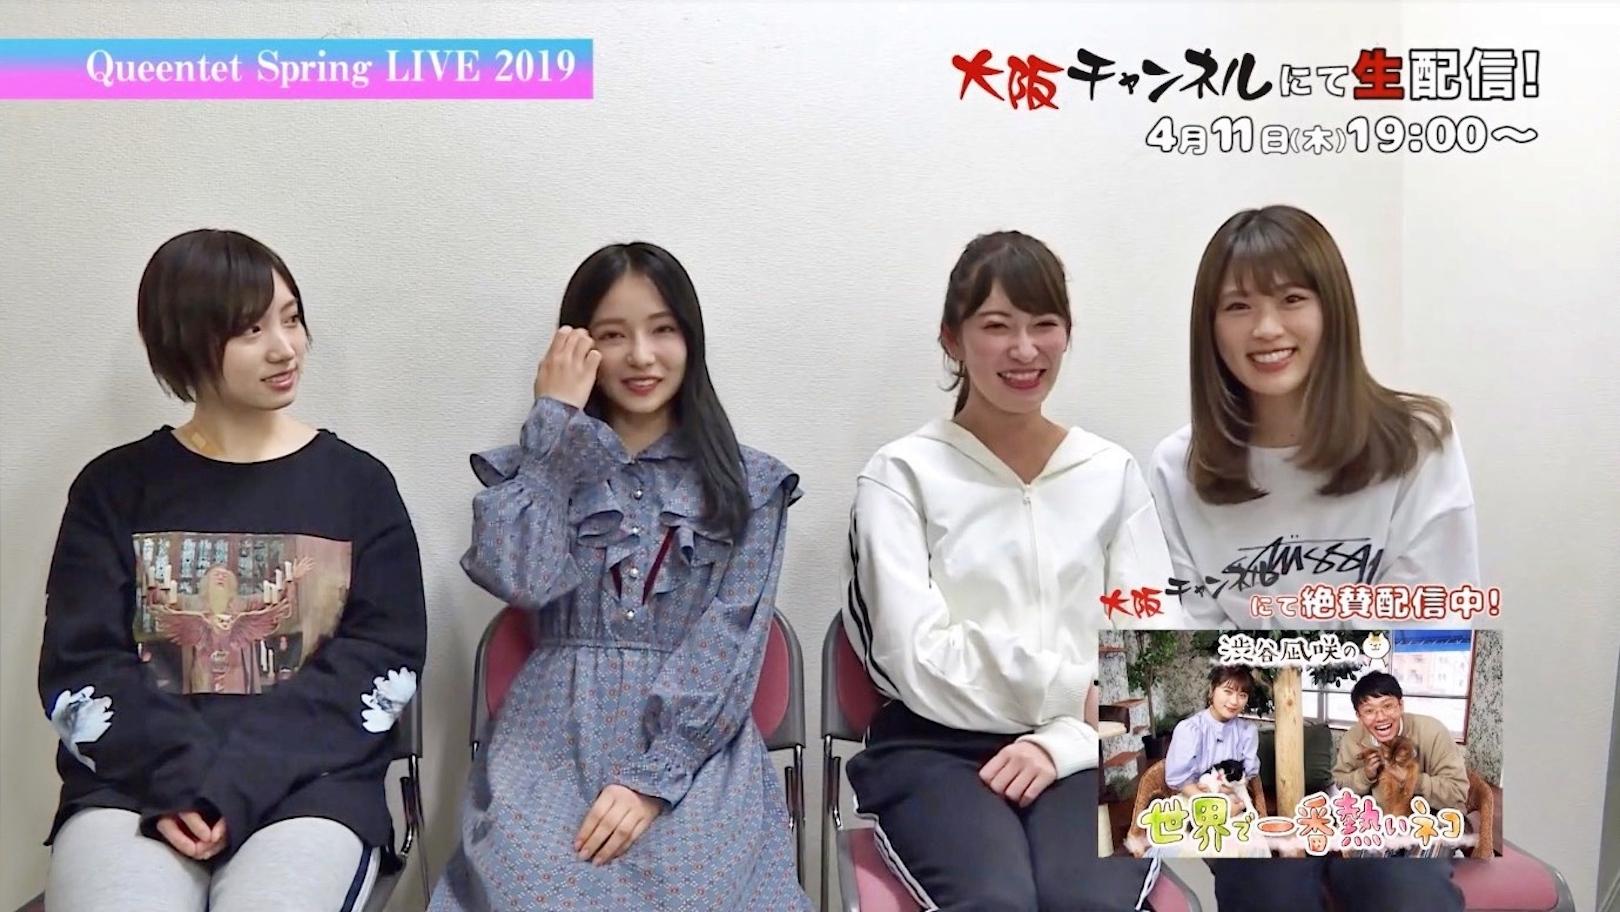 【NMB48】4/11にZeppNambaで開催のQueentet LIVE が大阪チャンネルで生配信。コメント動画も公開